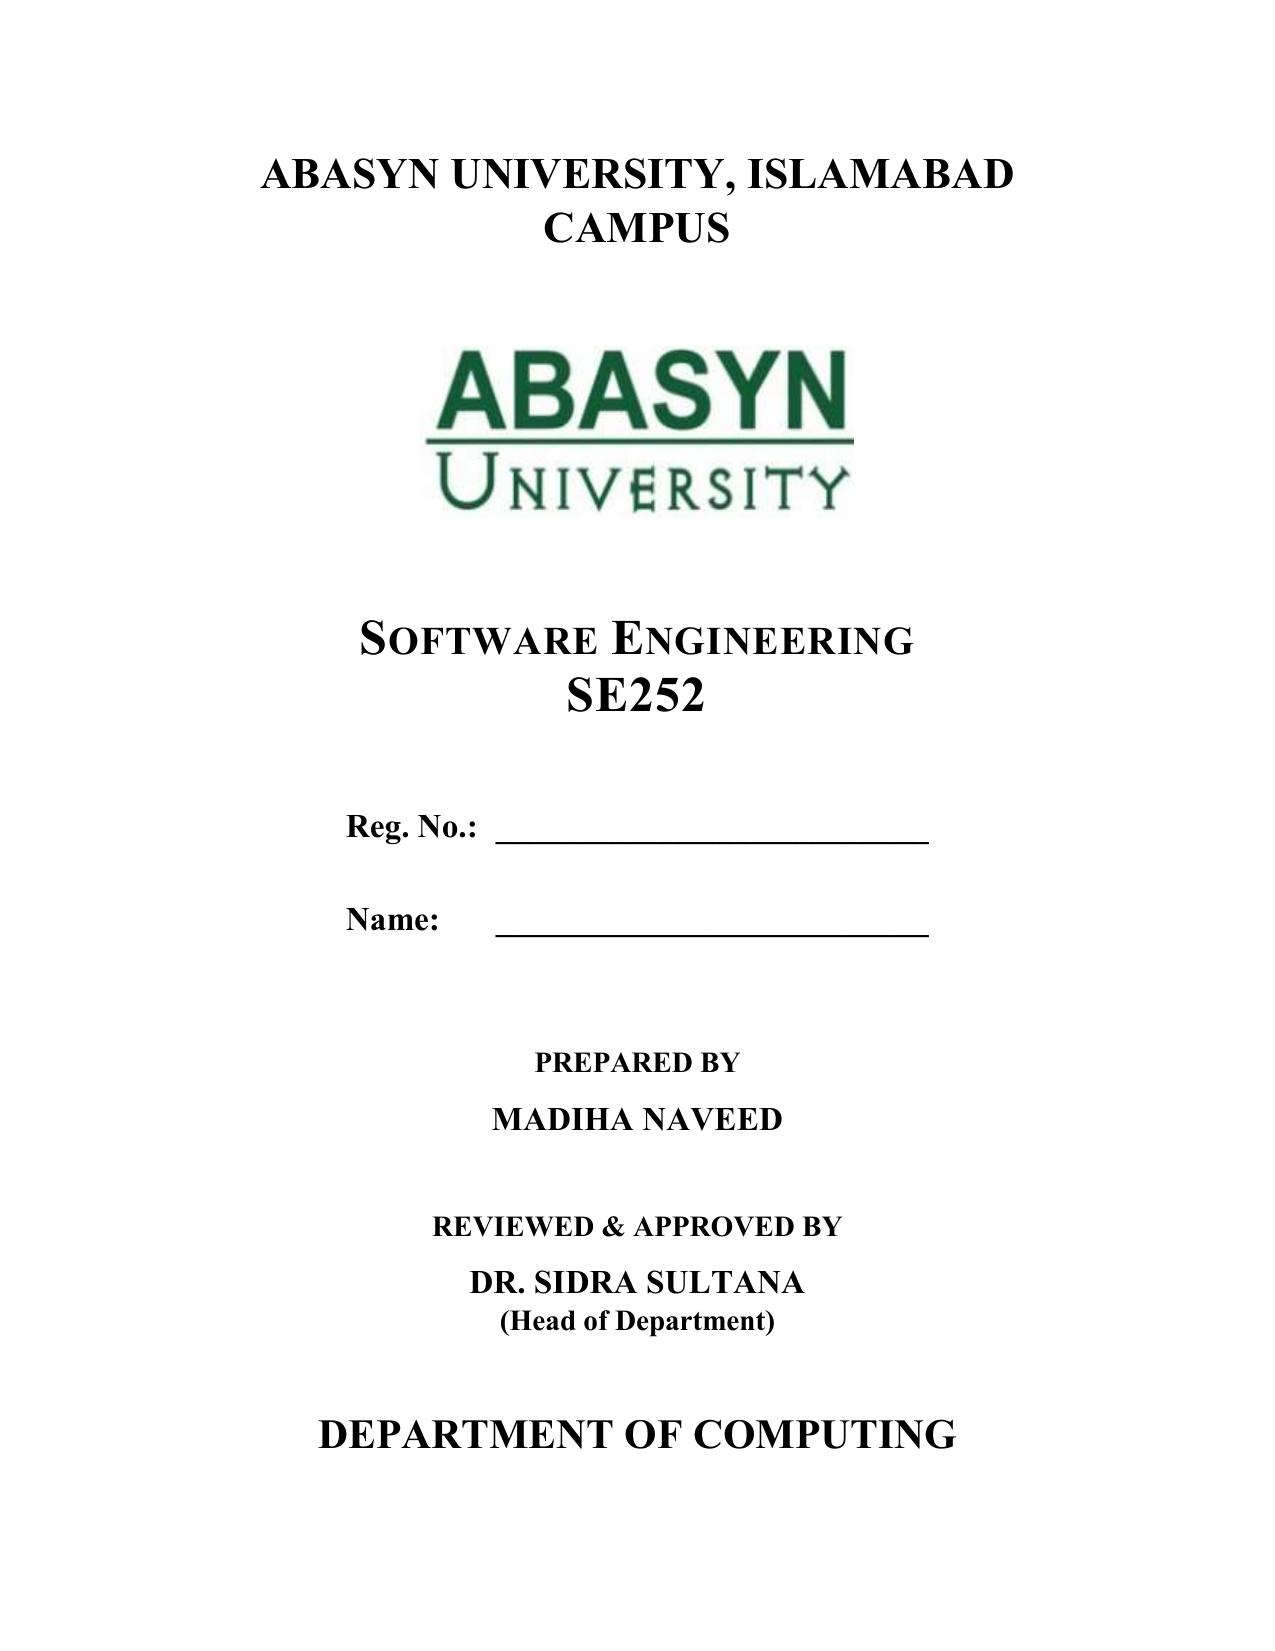 Se252 Se Lab Manual V 0 1